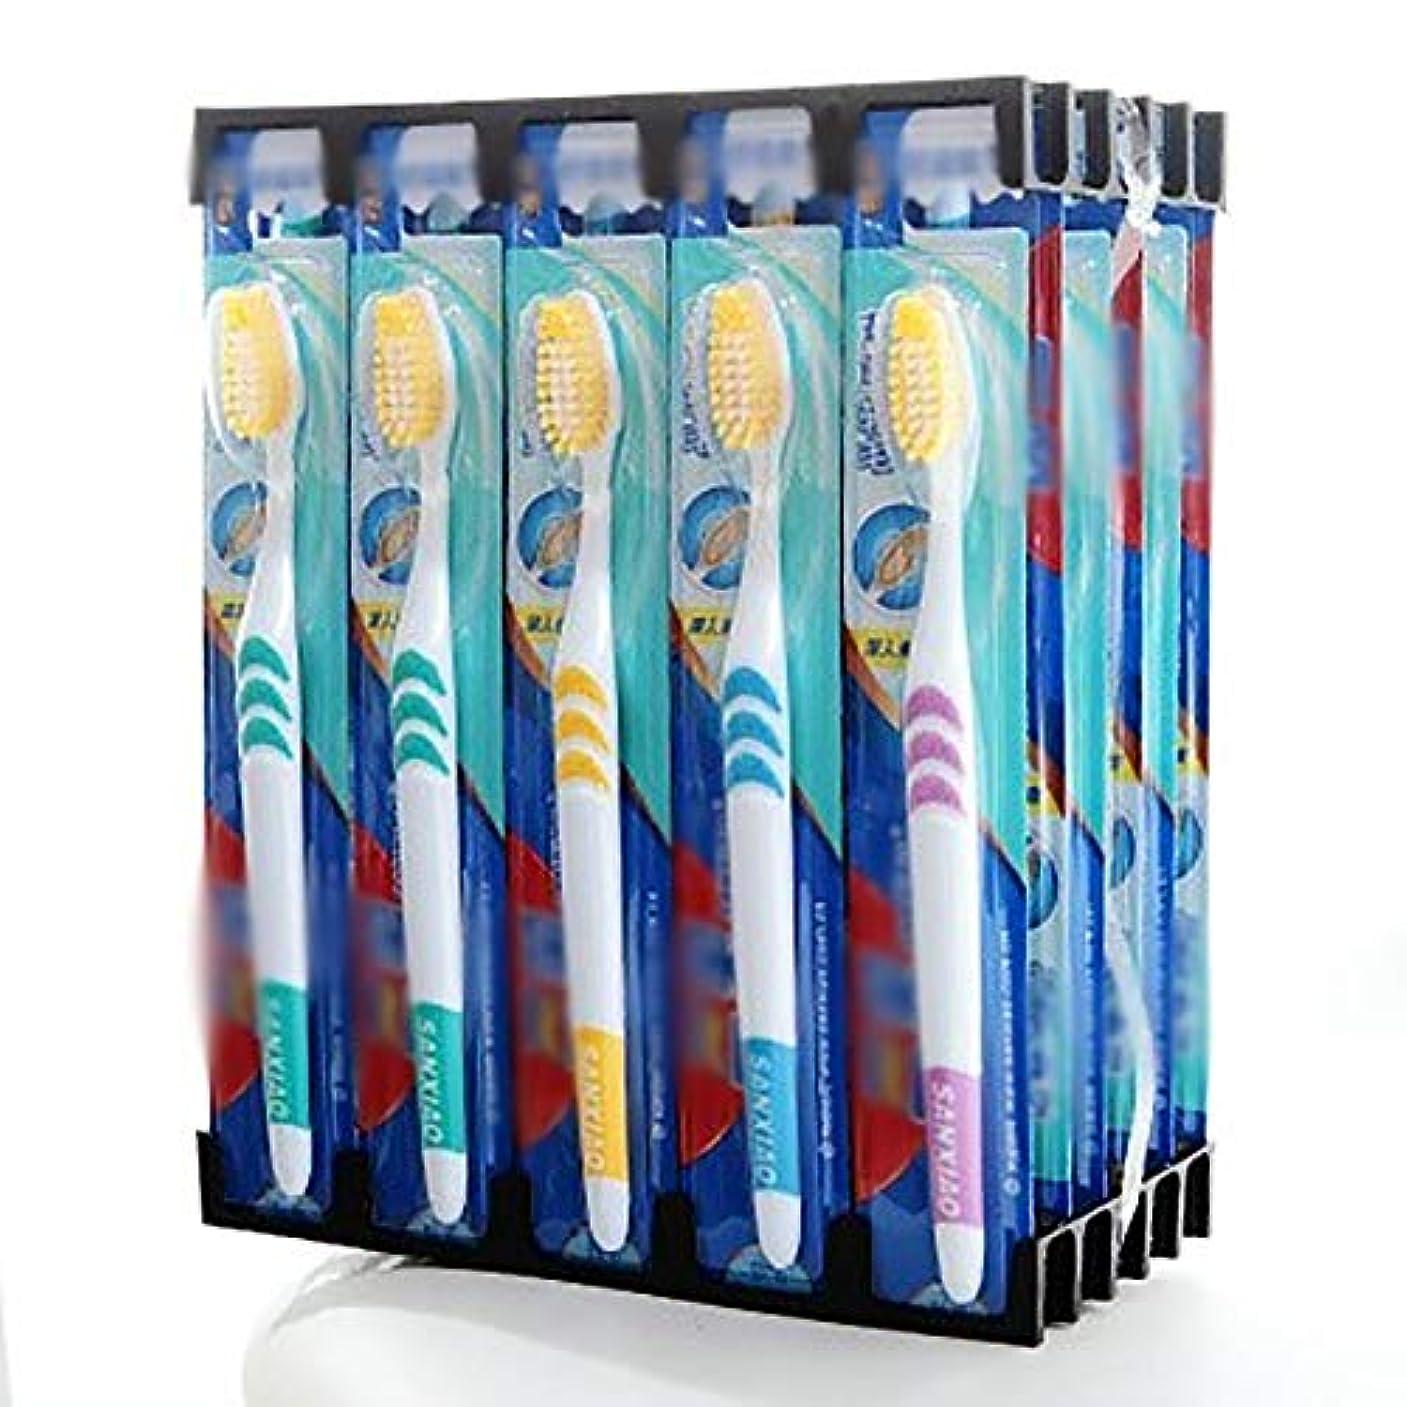 アルコーブロードハウスプライバシー歯ブラシ 大人のための30歯ブラシ、バルク歯ブラシ、ソフト歯ブラシ - 使用可能なスタイルの3種類 HL (色 : C, サイズ : 30 packs)